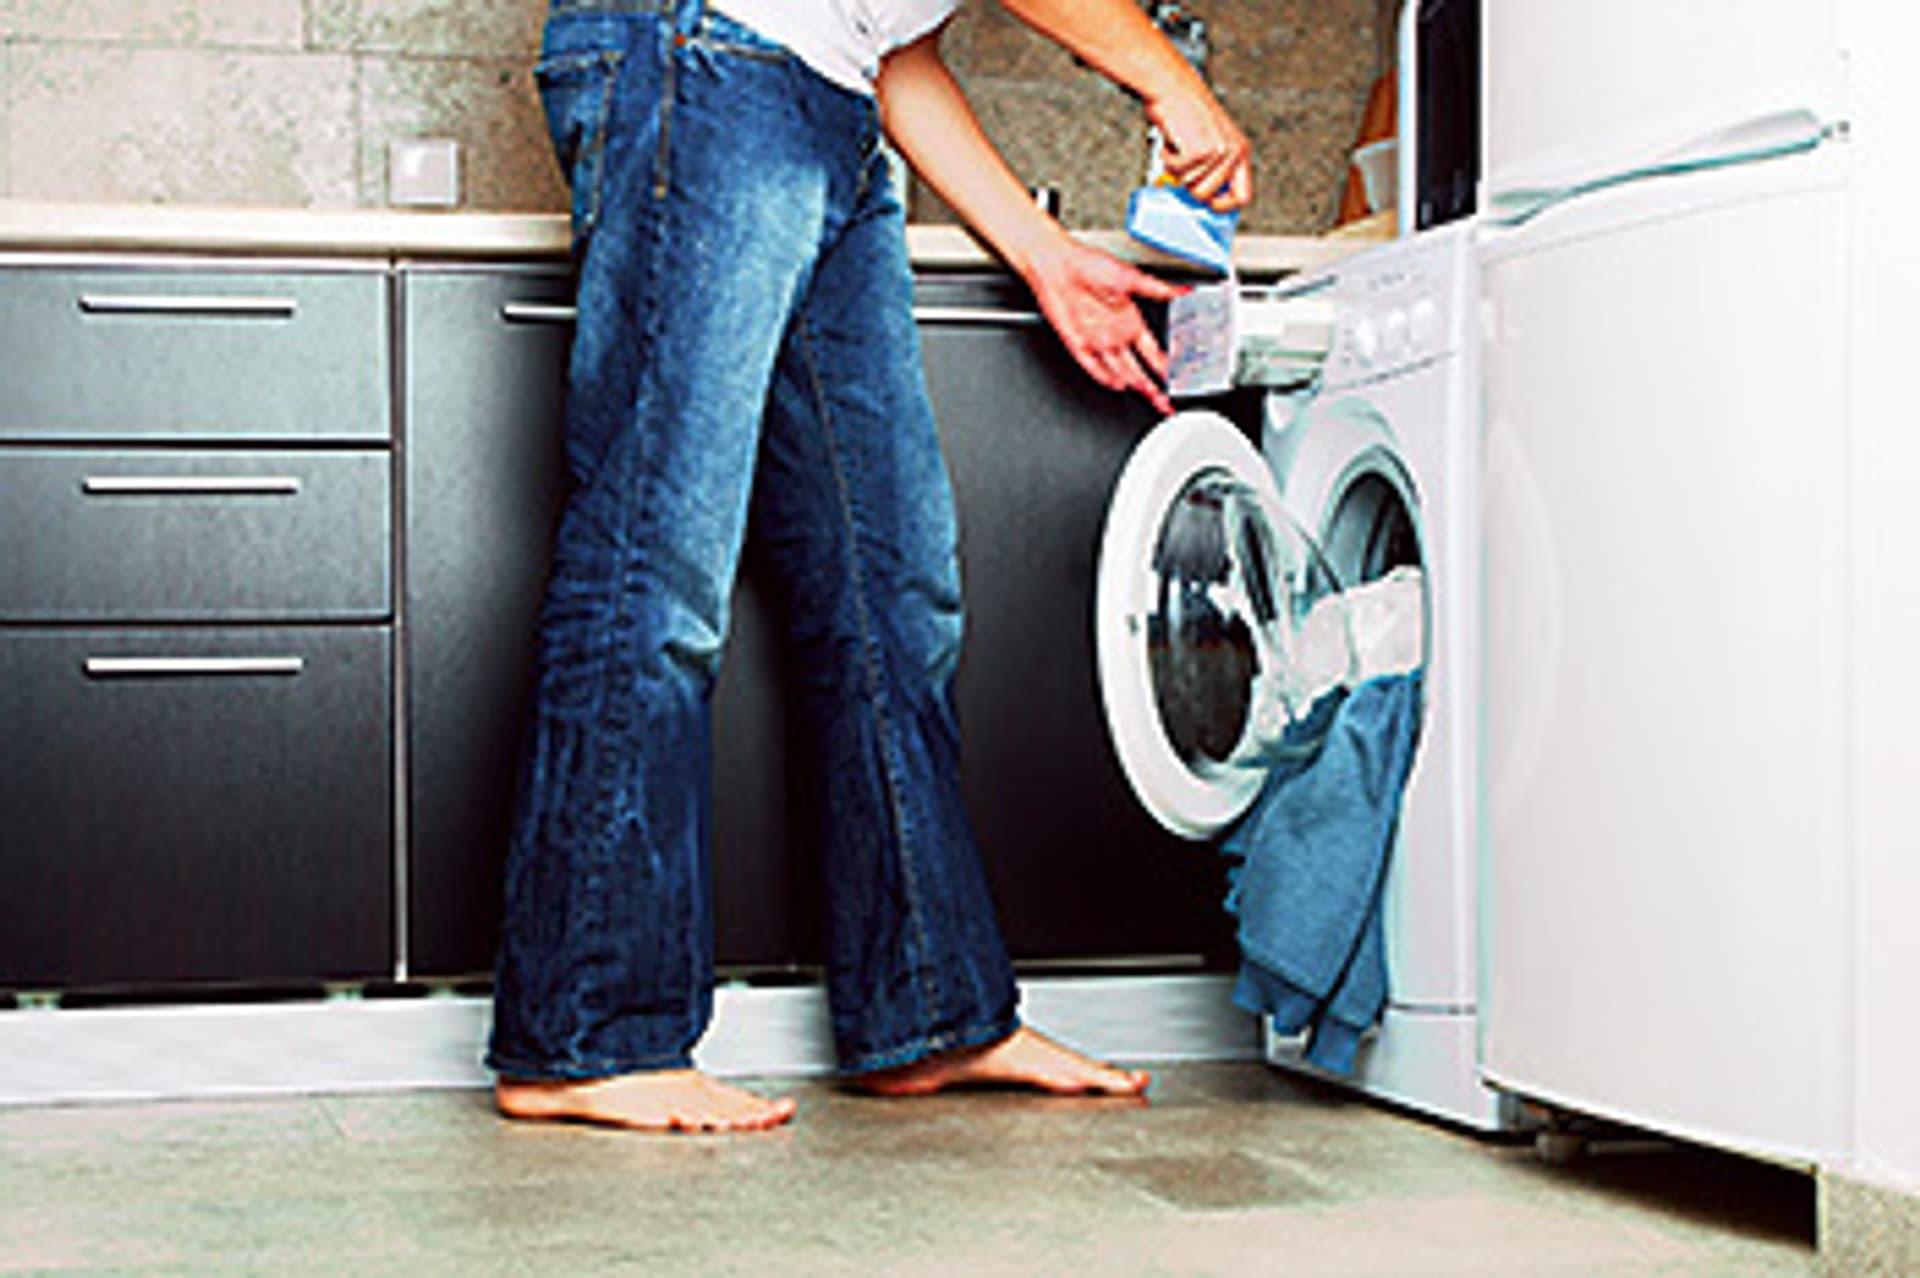 Der Ausschnitt von einem Mensch in Jeans, der Waschmittel in die Waschmaschine fällt